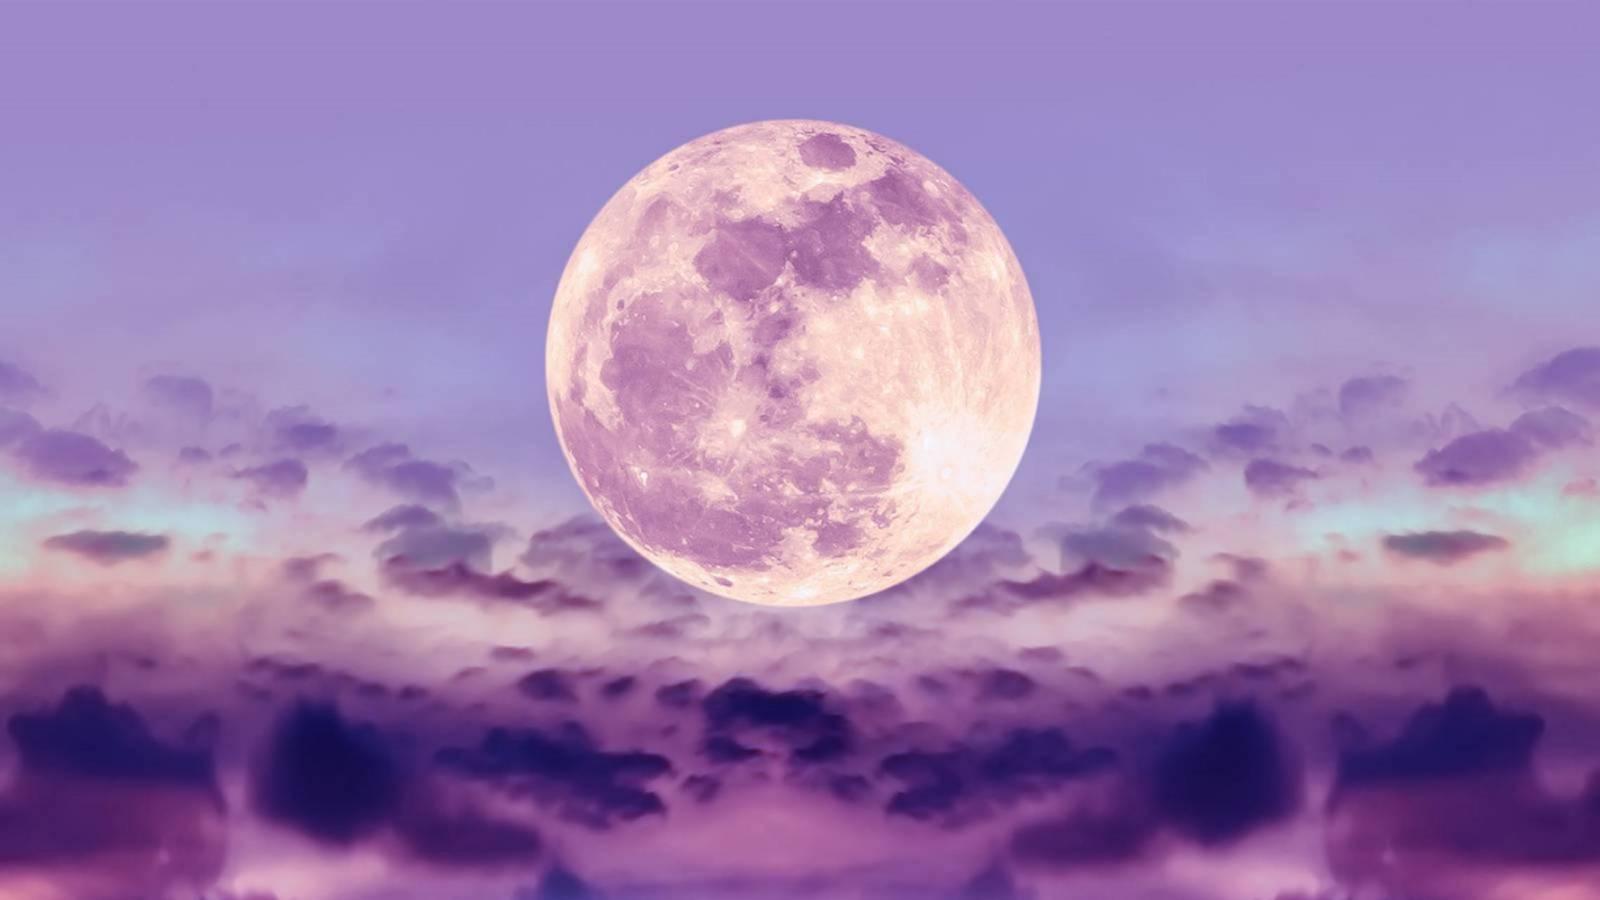 luna nuclear